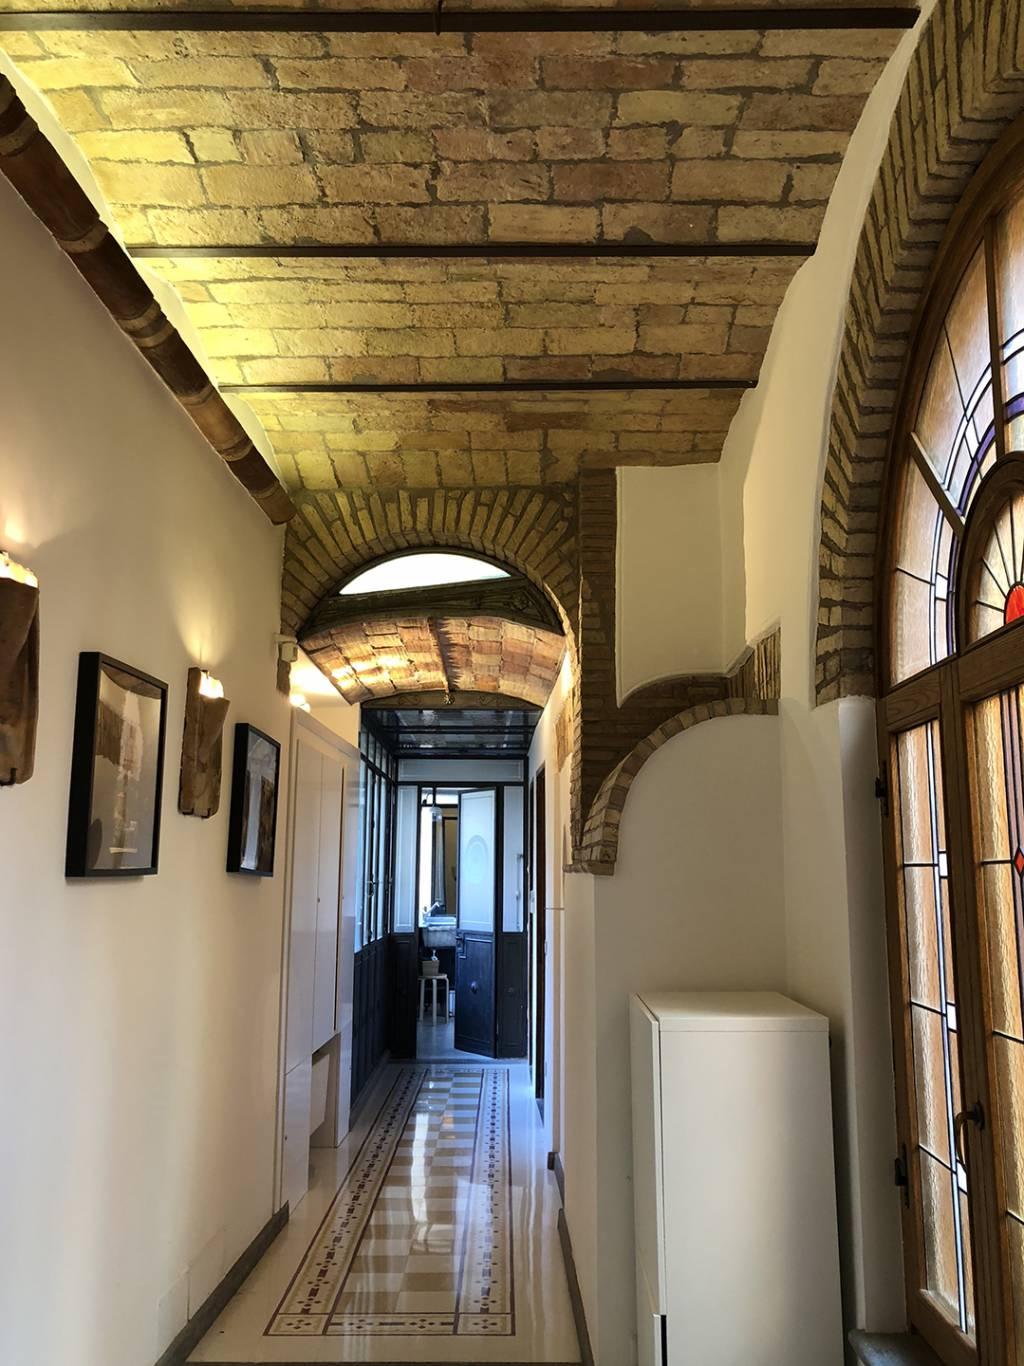 gh-collection-rome-gh-apartments-corridor-23-07-18-17-49-52